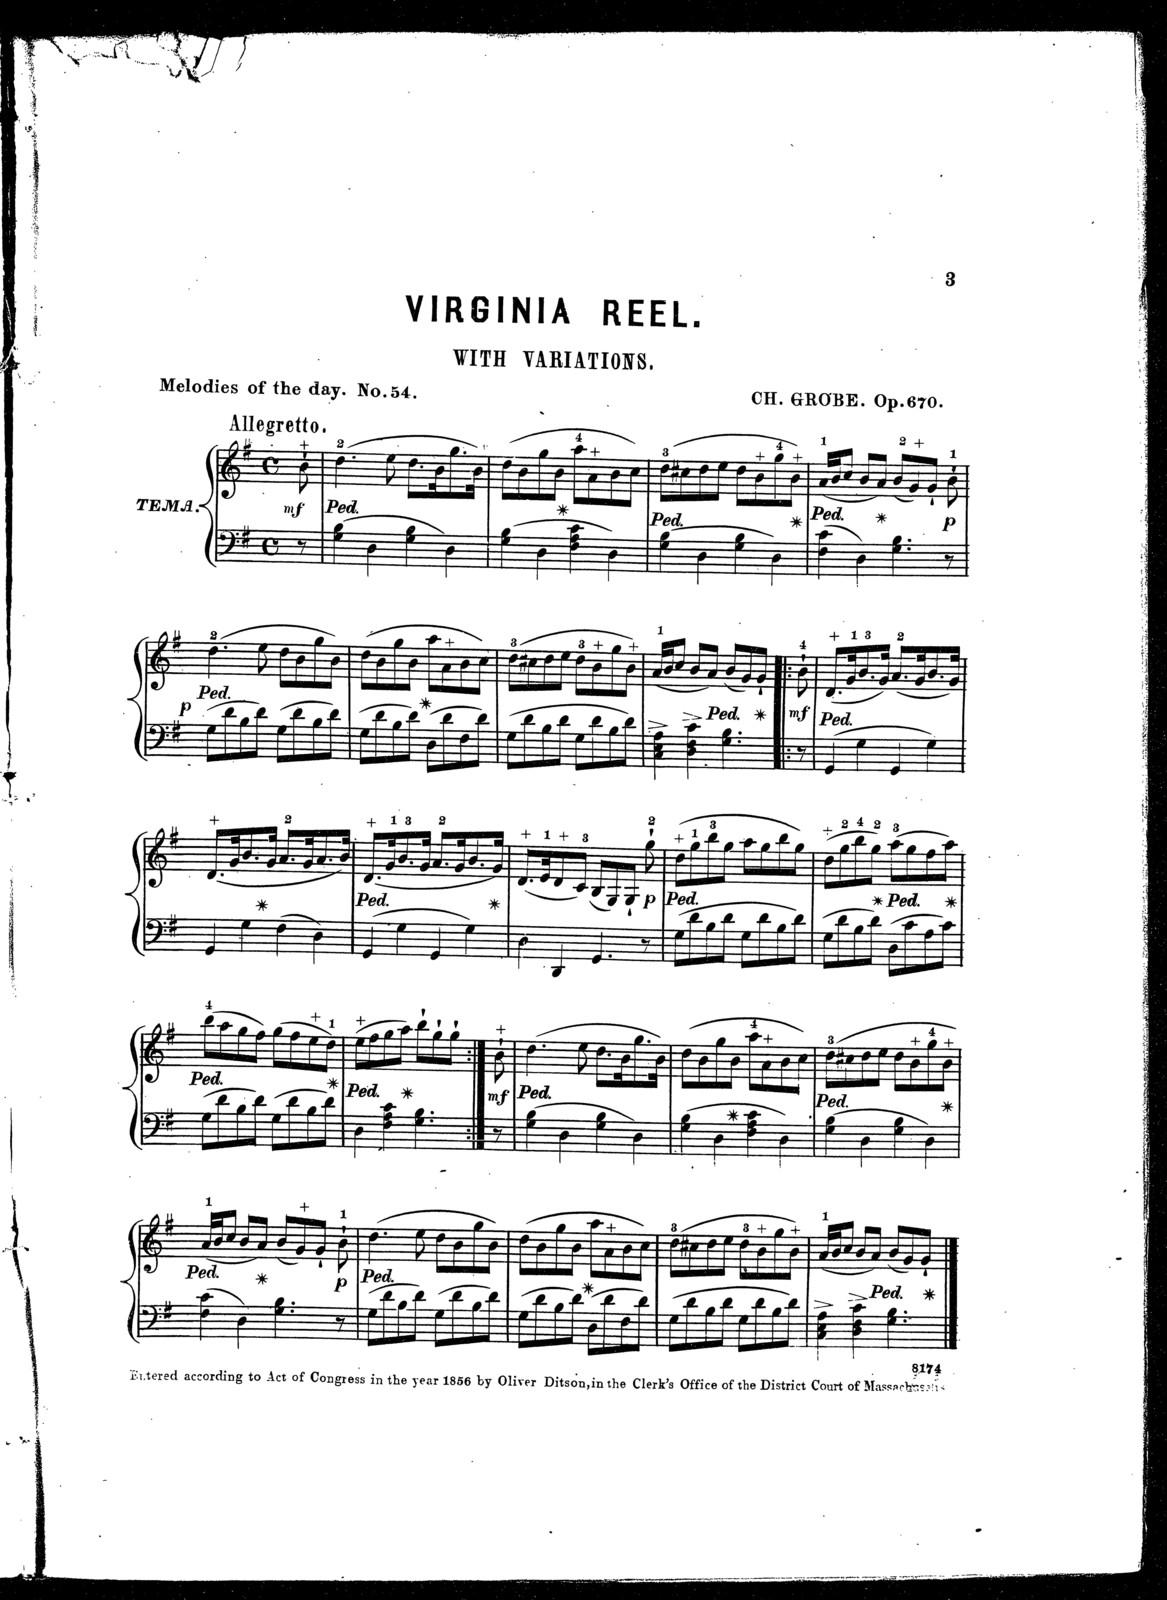 Virginia reel, with variations, op. 670